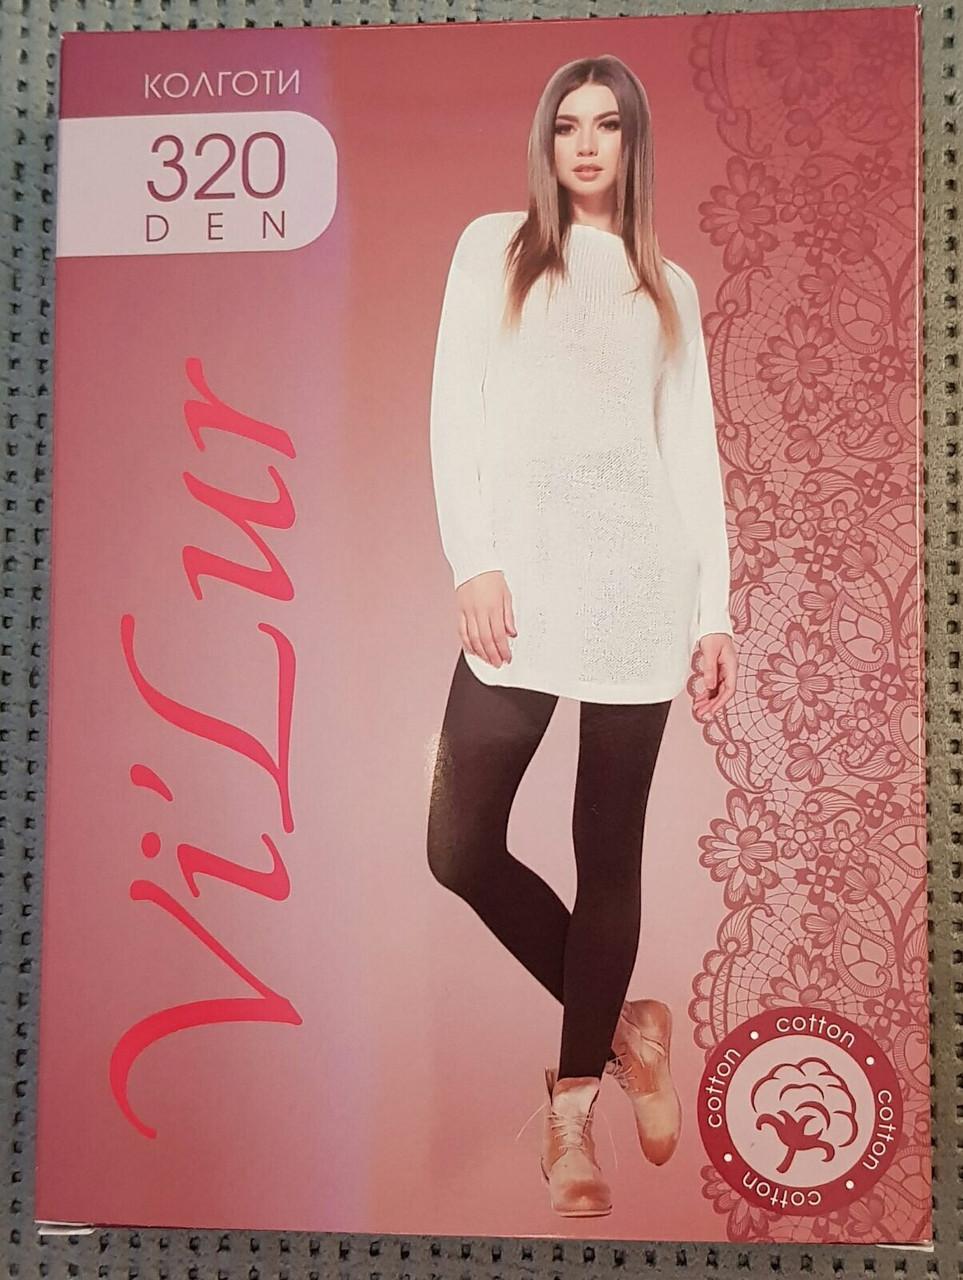 Колготки теплые женские Vi'lur Cotton 320 ден